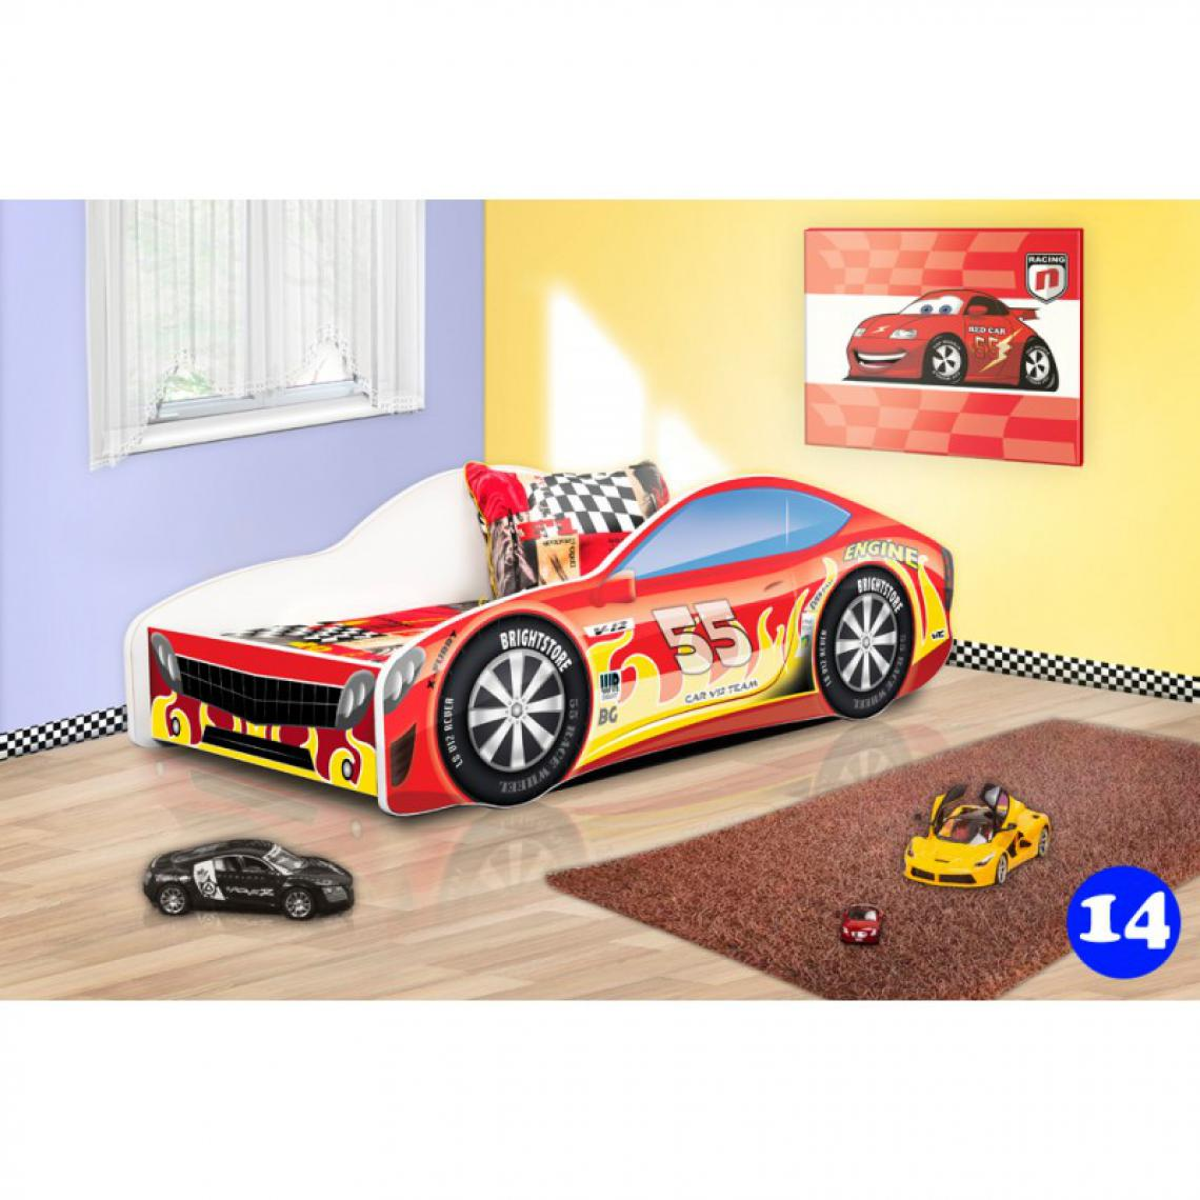 Bim Furniture Lit Voiture Enfant 160x80 cm Rouge et Jaune 55 avec sommier et matelas